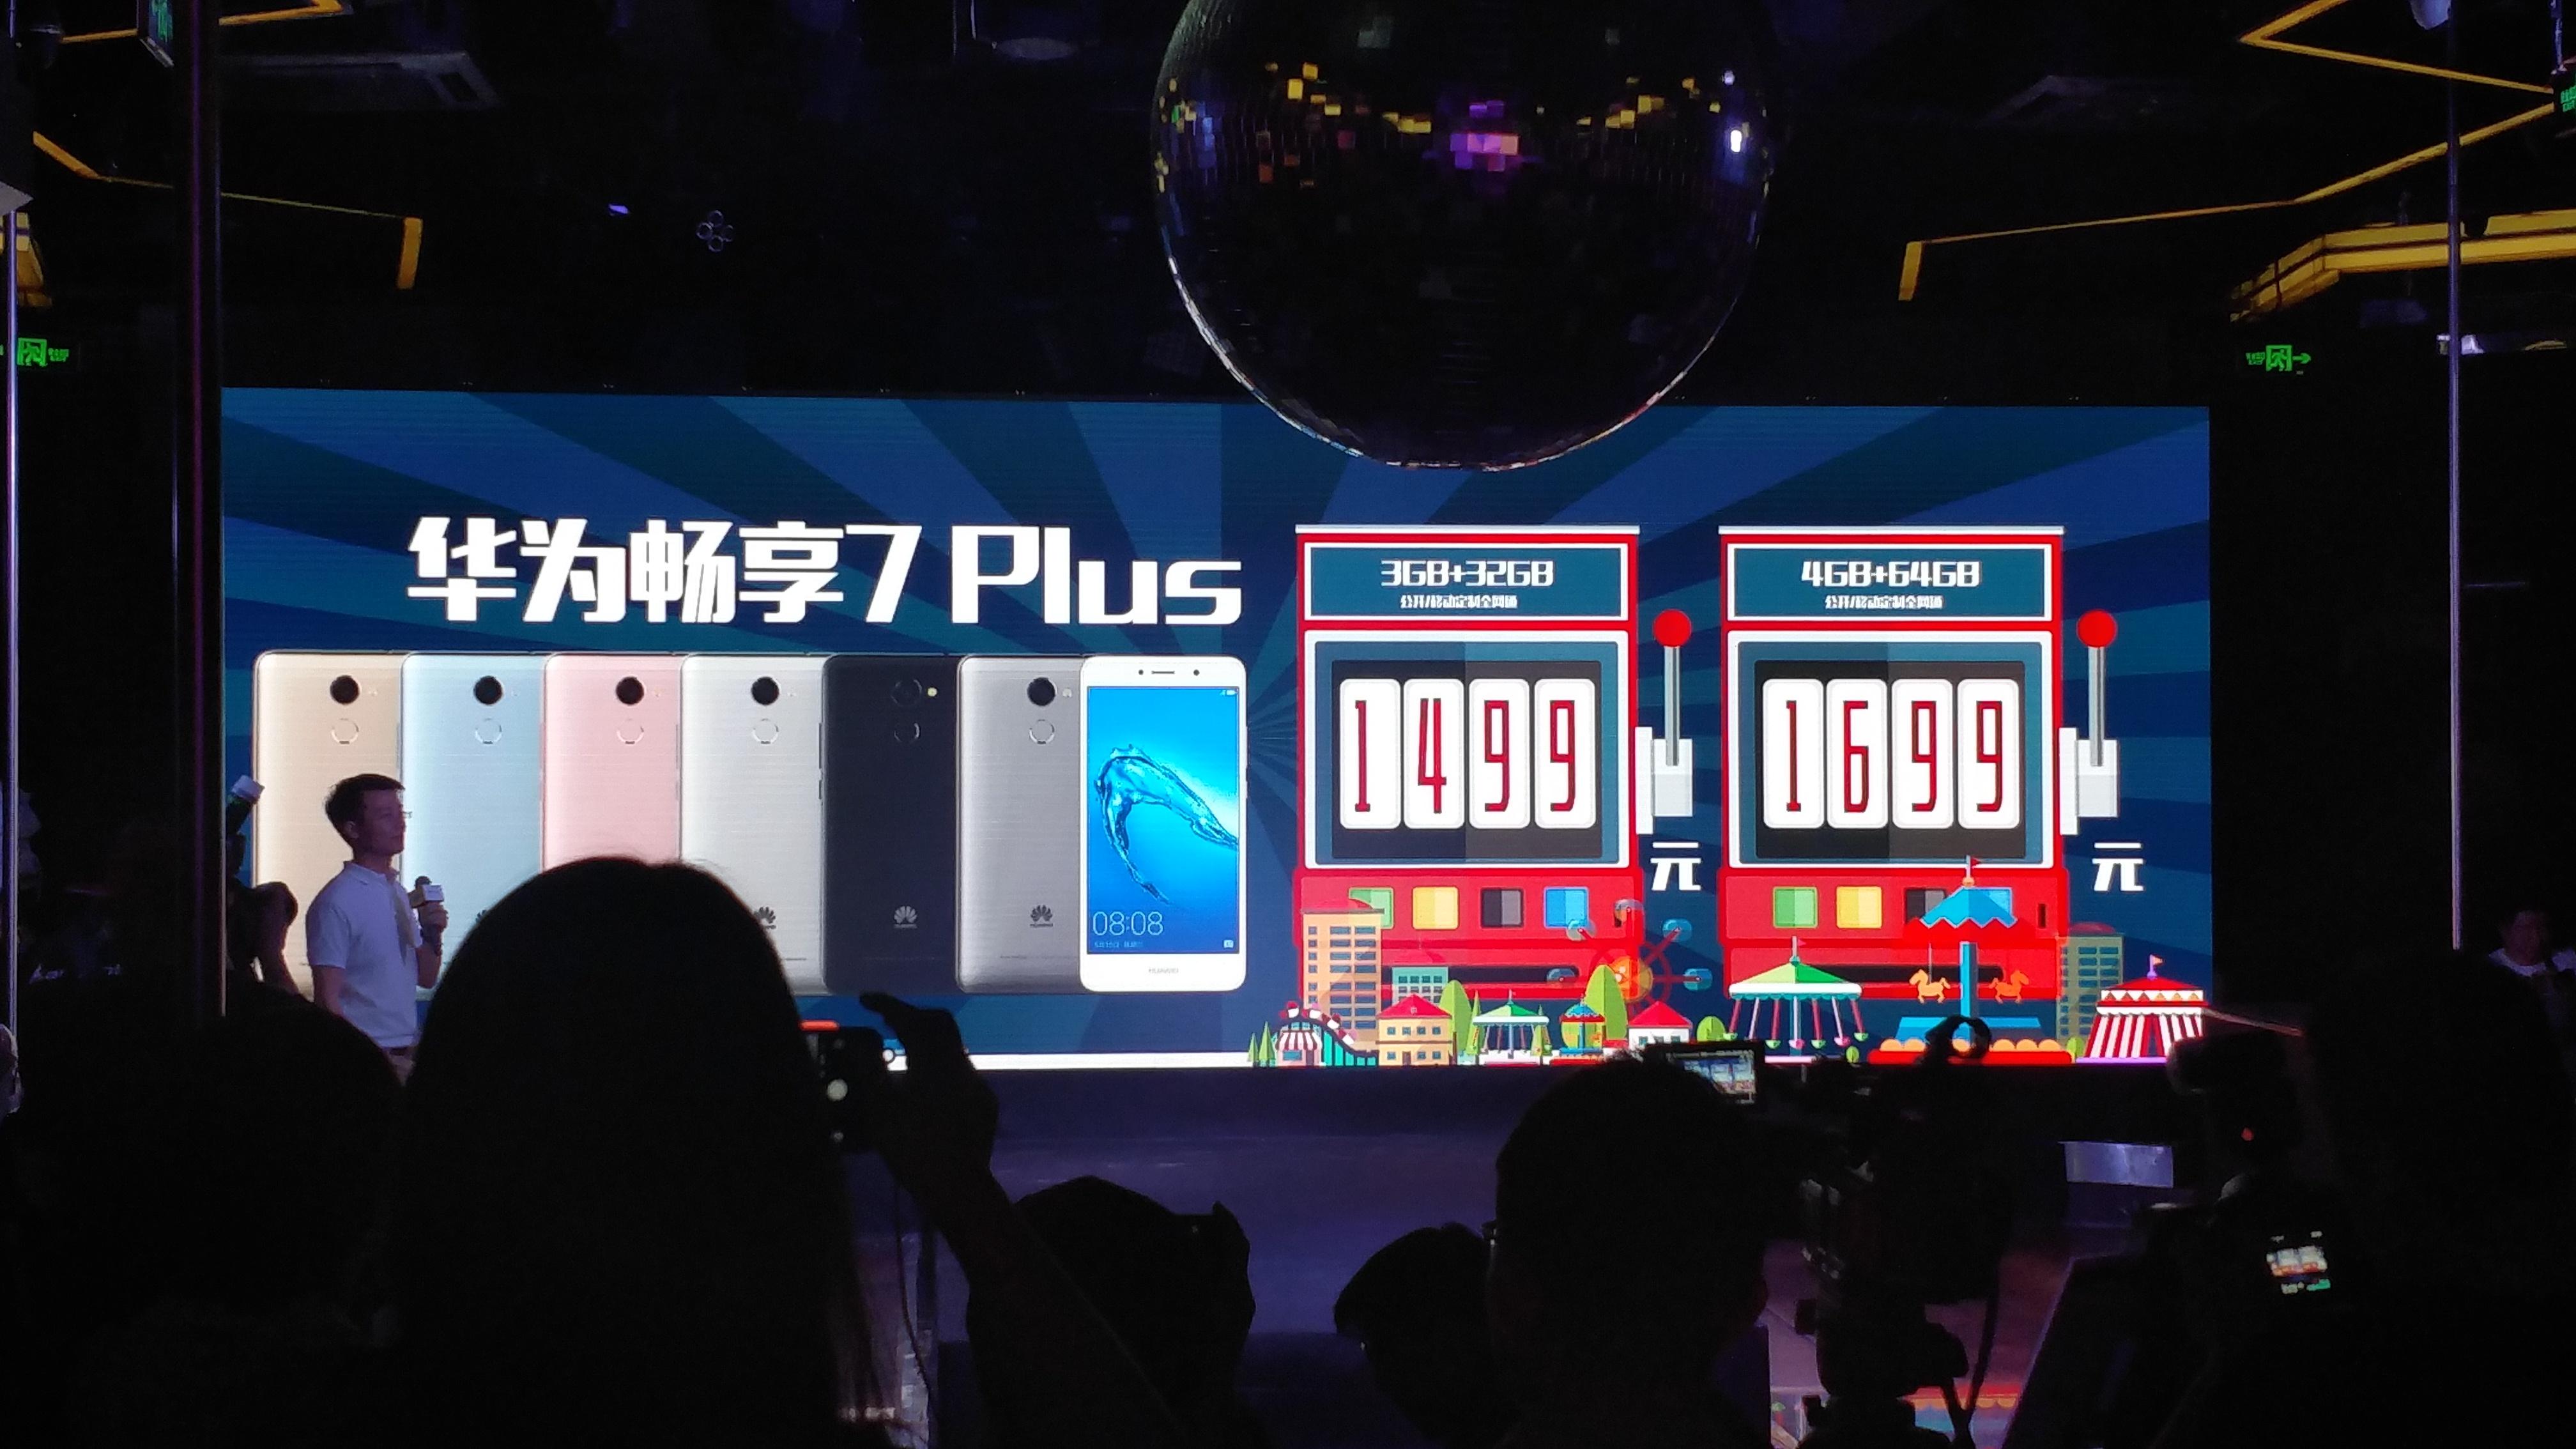 内置4000mAh大电池,华为畅享7 Plus发布1499起的照片 - 4